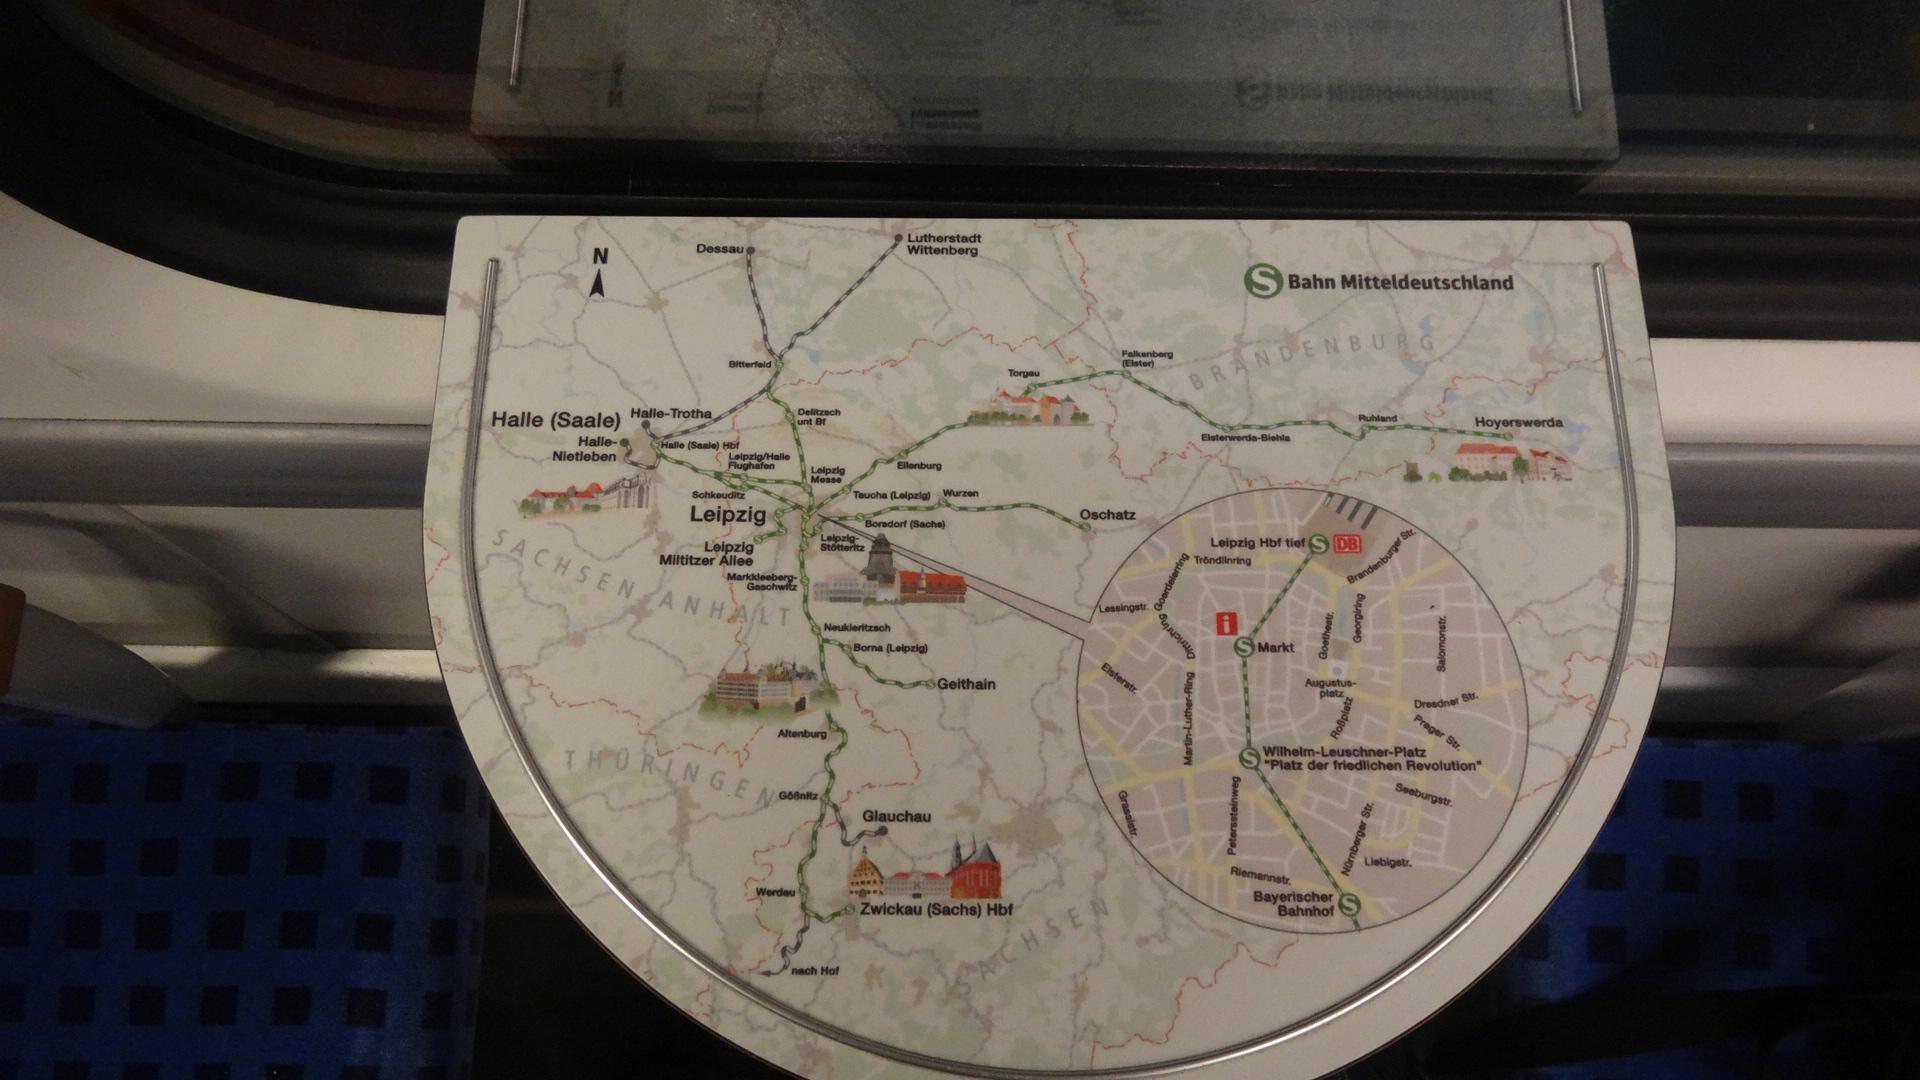 S-Bahn Mitteldeutschland network